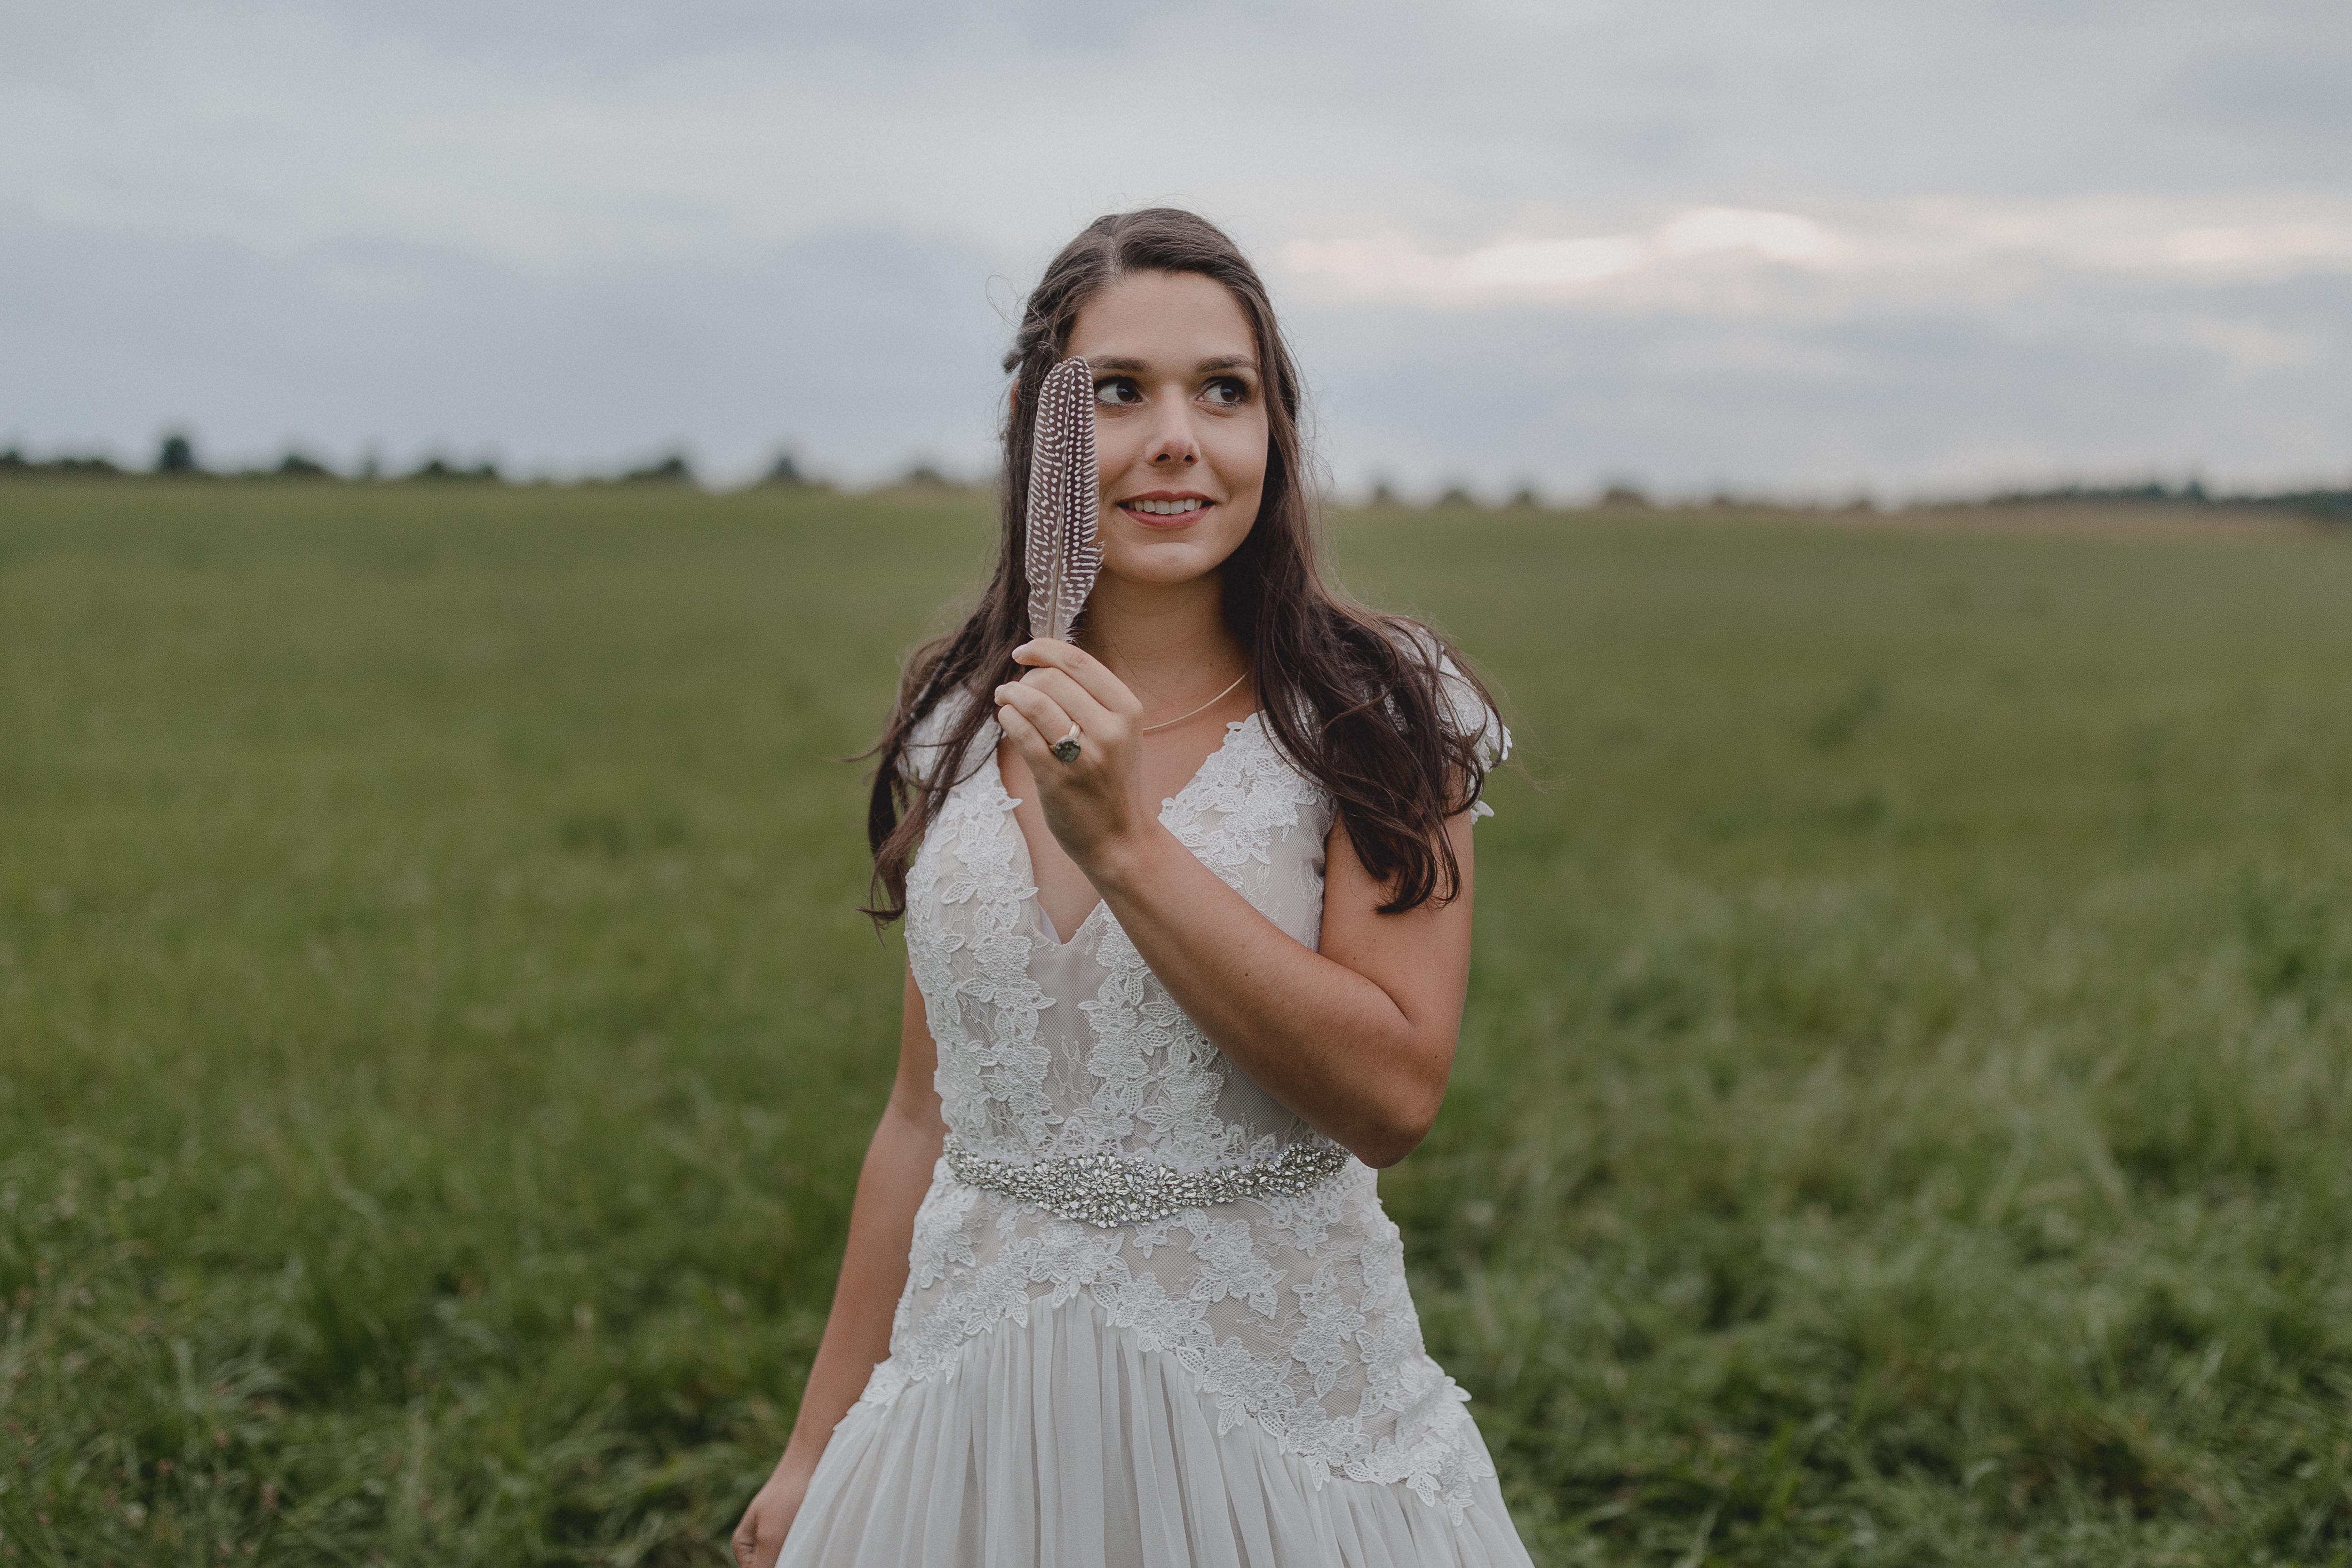 URBANERIE_Daniela_Goth_Vintage_Hochzeitsfotografin_Nuernberg_Fuerth_Erlangen_180721_0253